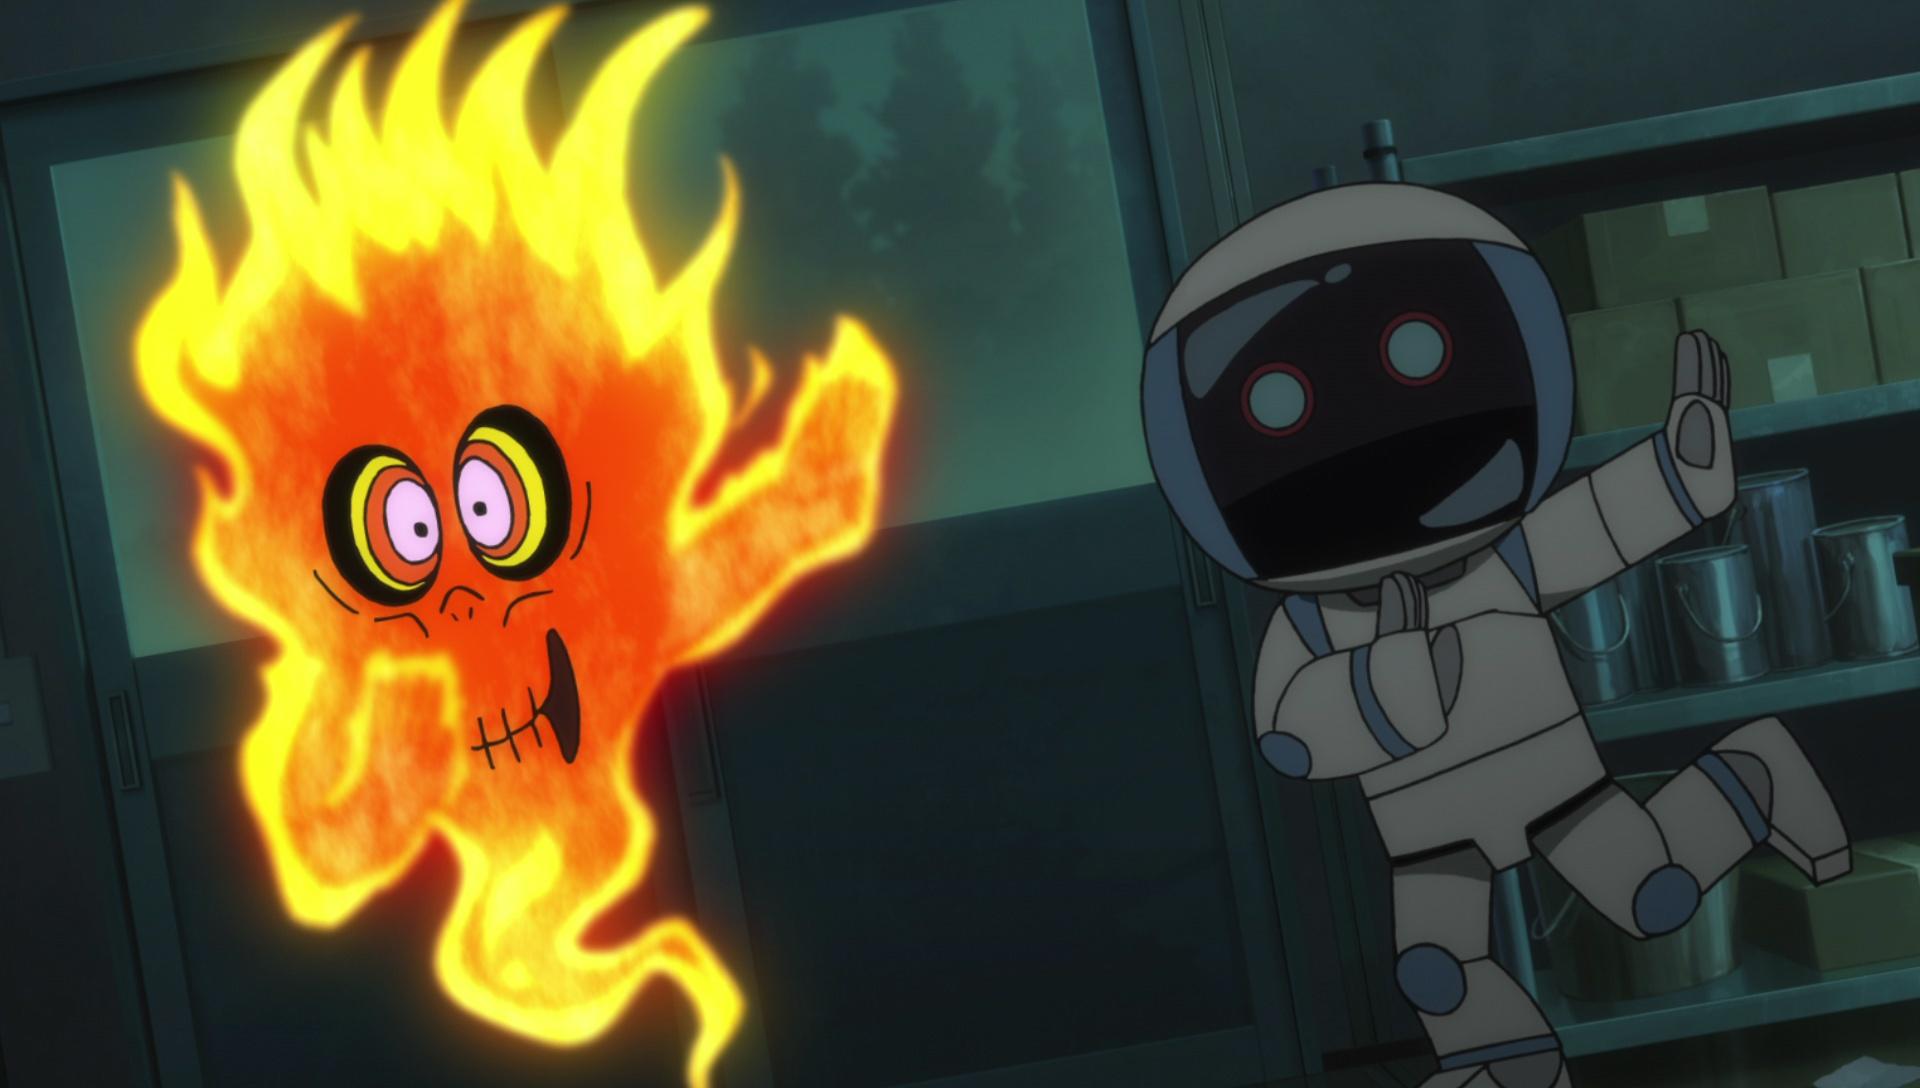 『ゲゲゲの鬼太郎』第40話「終極の譚歌 さら小僧」より先行カット公開! ピン芸人・ビンボーイサムは、さら小僧の唄をネタに……-5